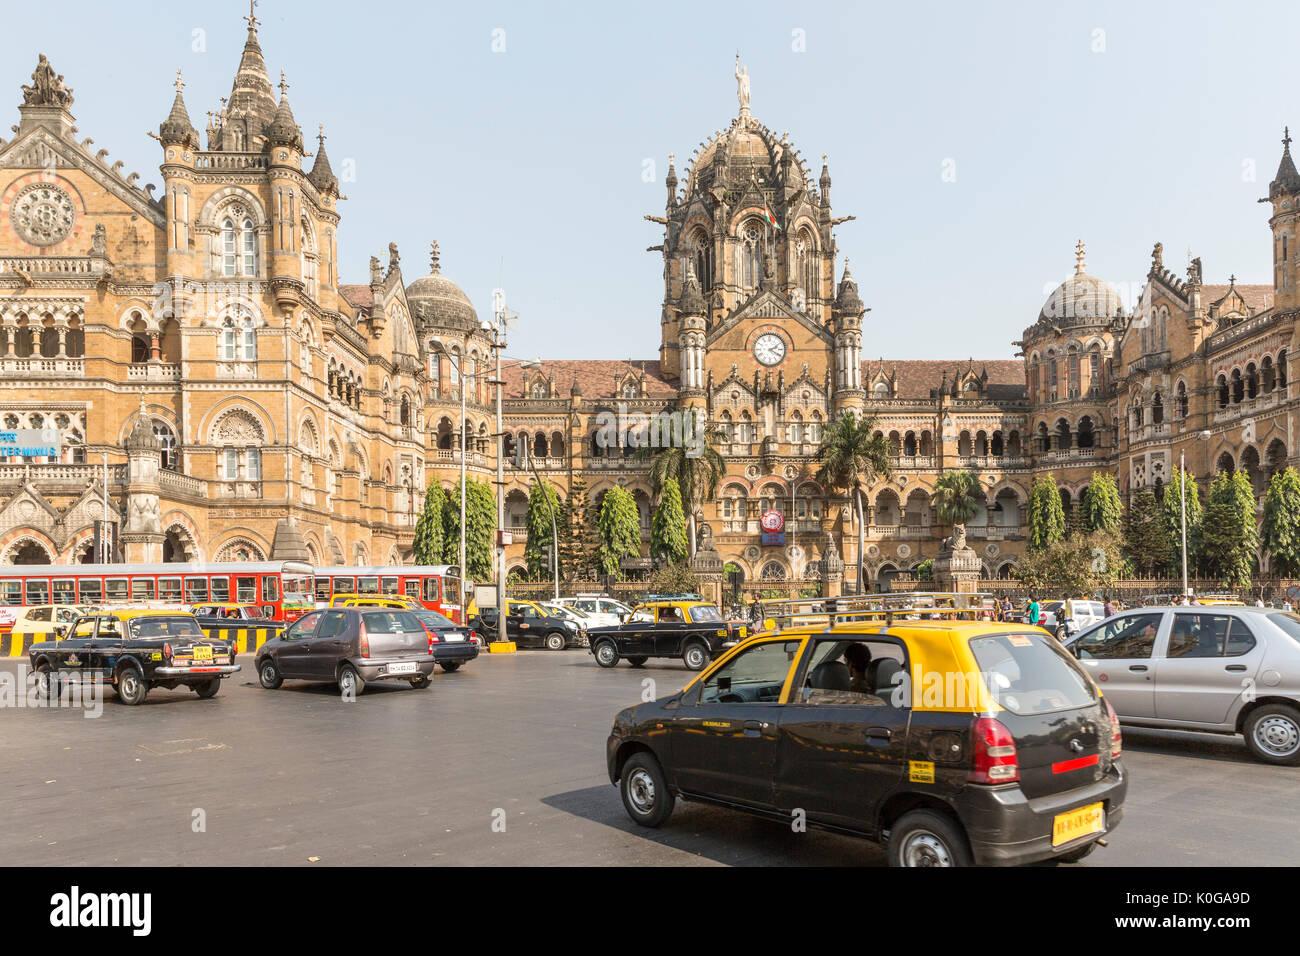 Mumbai, Maharashtra, India - 1 December 2012: Swarm of Taxis in front of Chhatrapati Shivaji Terminus Railway Station - Stock Image